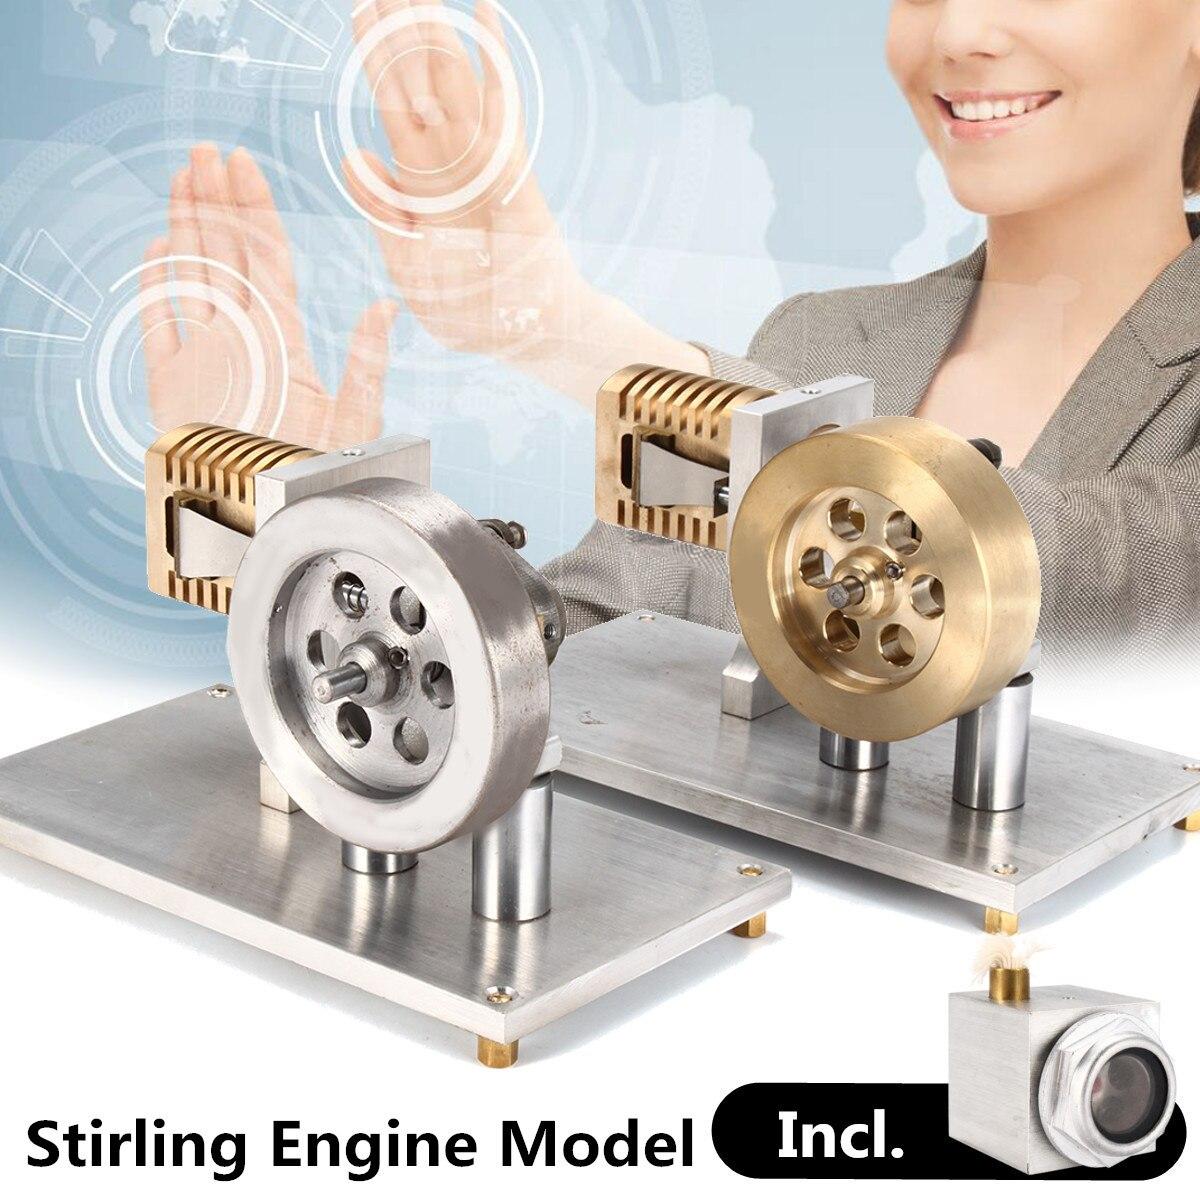 Métal modèle Air chaud Stirling moteur à vapeur Kits de construction flamme lécher vide moteur modèle jouet école laboratoire jouets éducatifs cadeaux